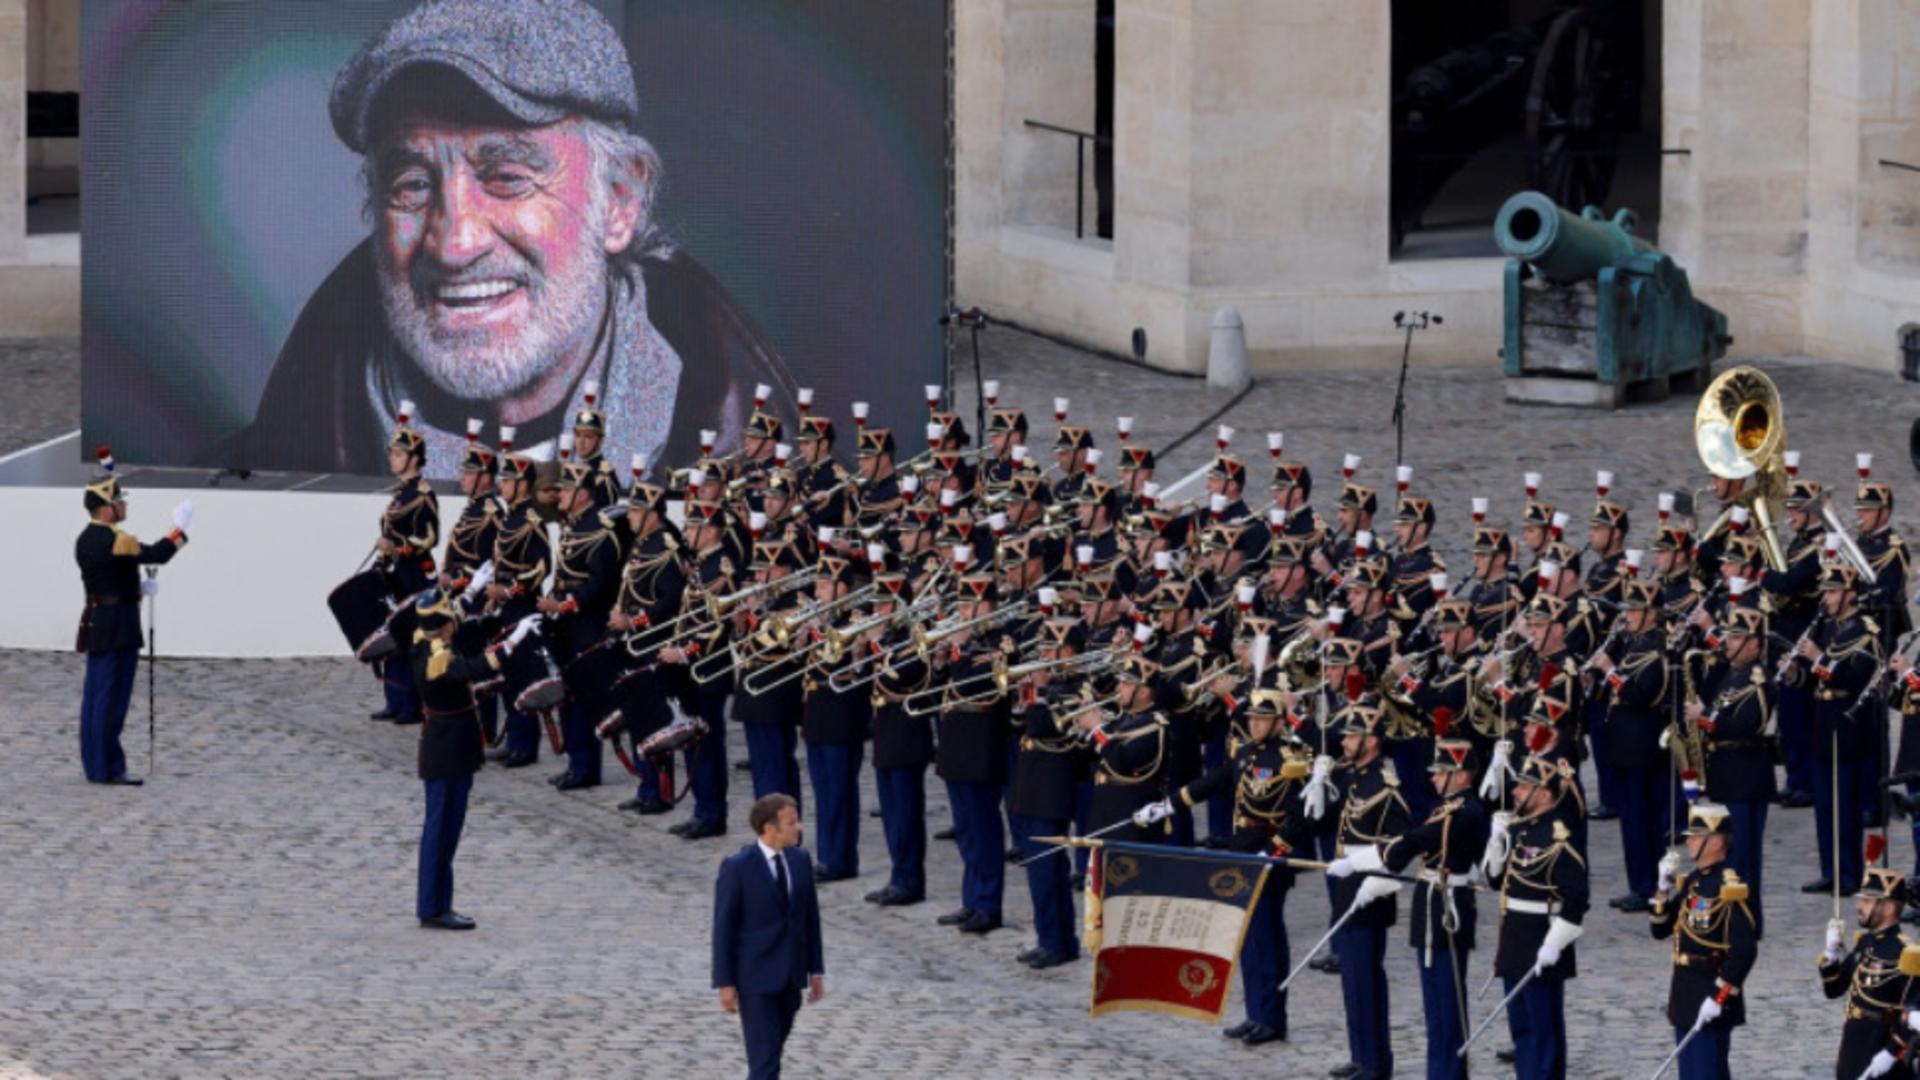 Ceremonie fastuoasă dedicată lui Jean-Paul Belmondo, la Paris. Foto: Profimedia